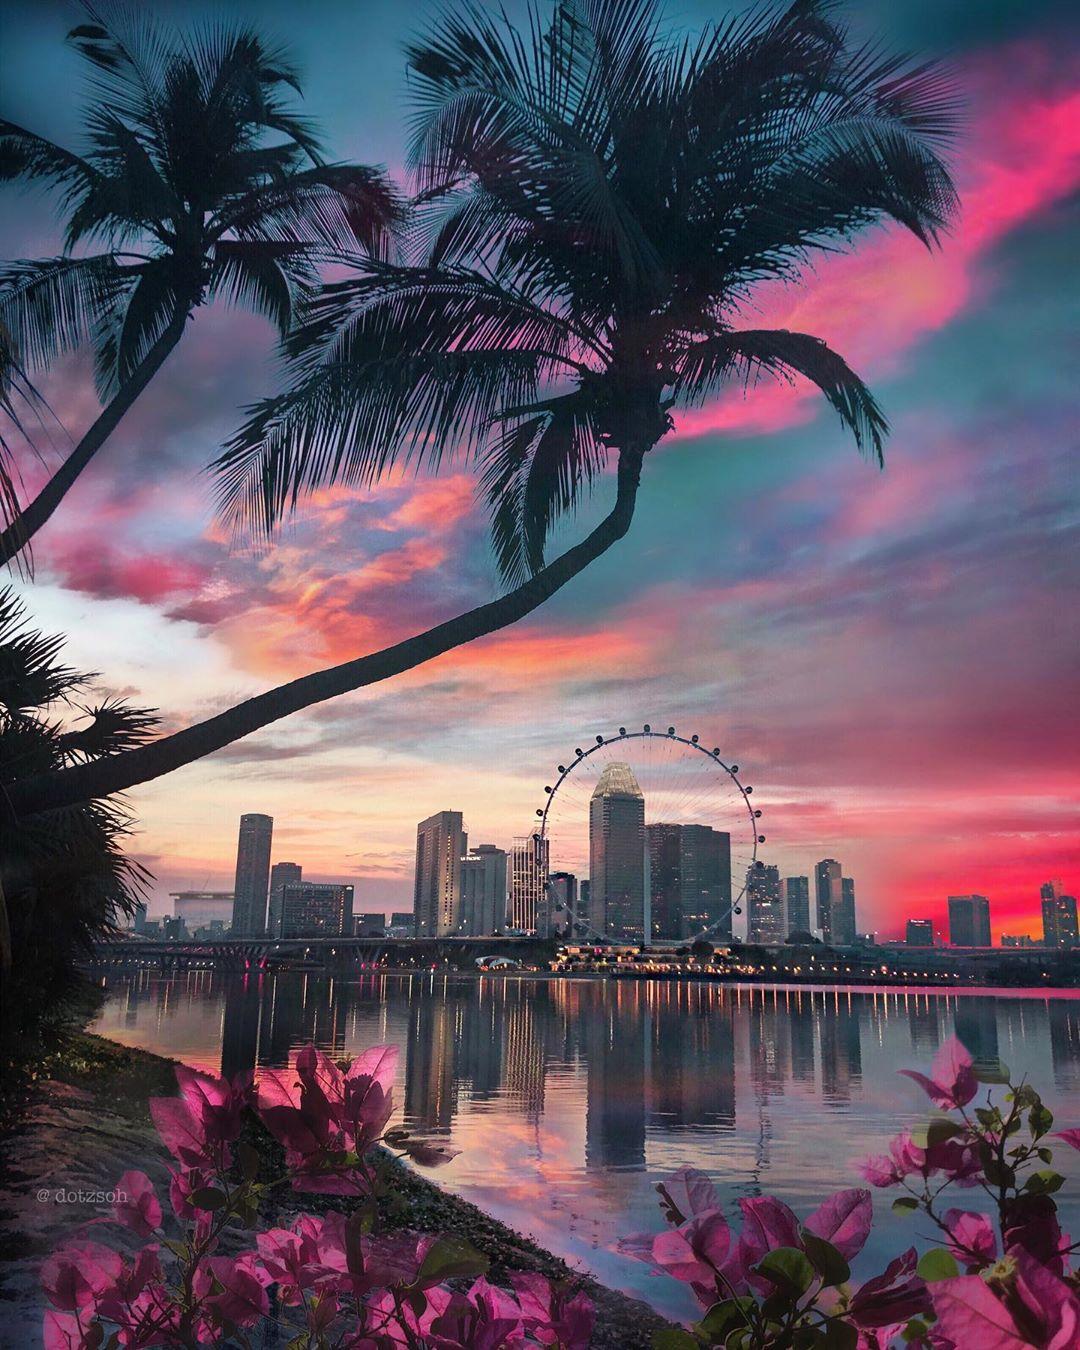 Яркие городские и туристические пейзажи на снимках от Dotz Soh